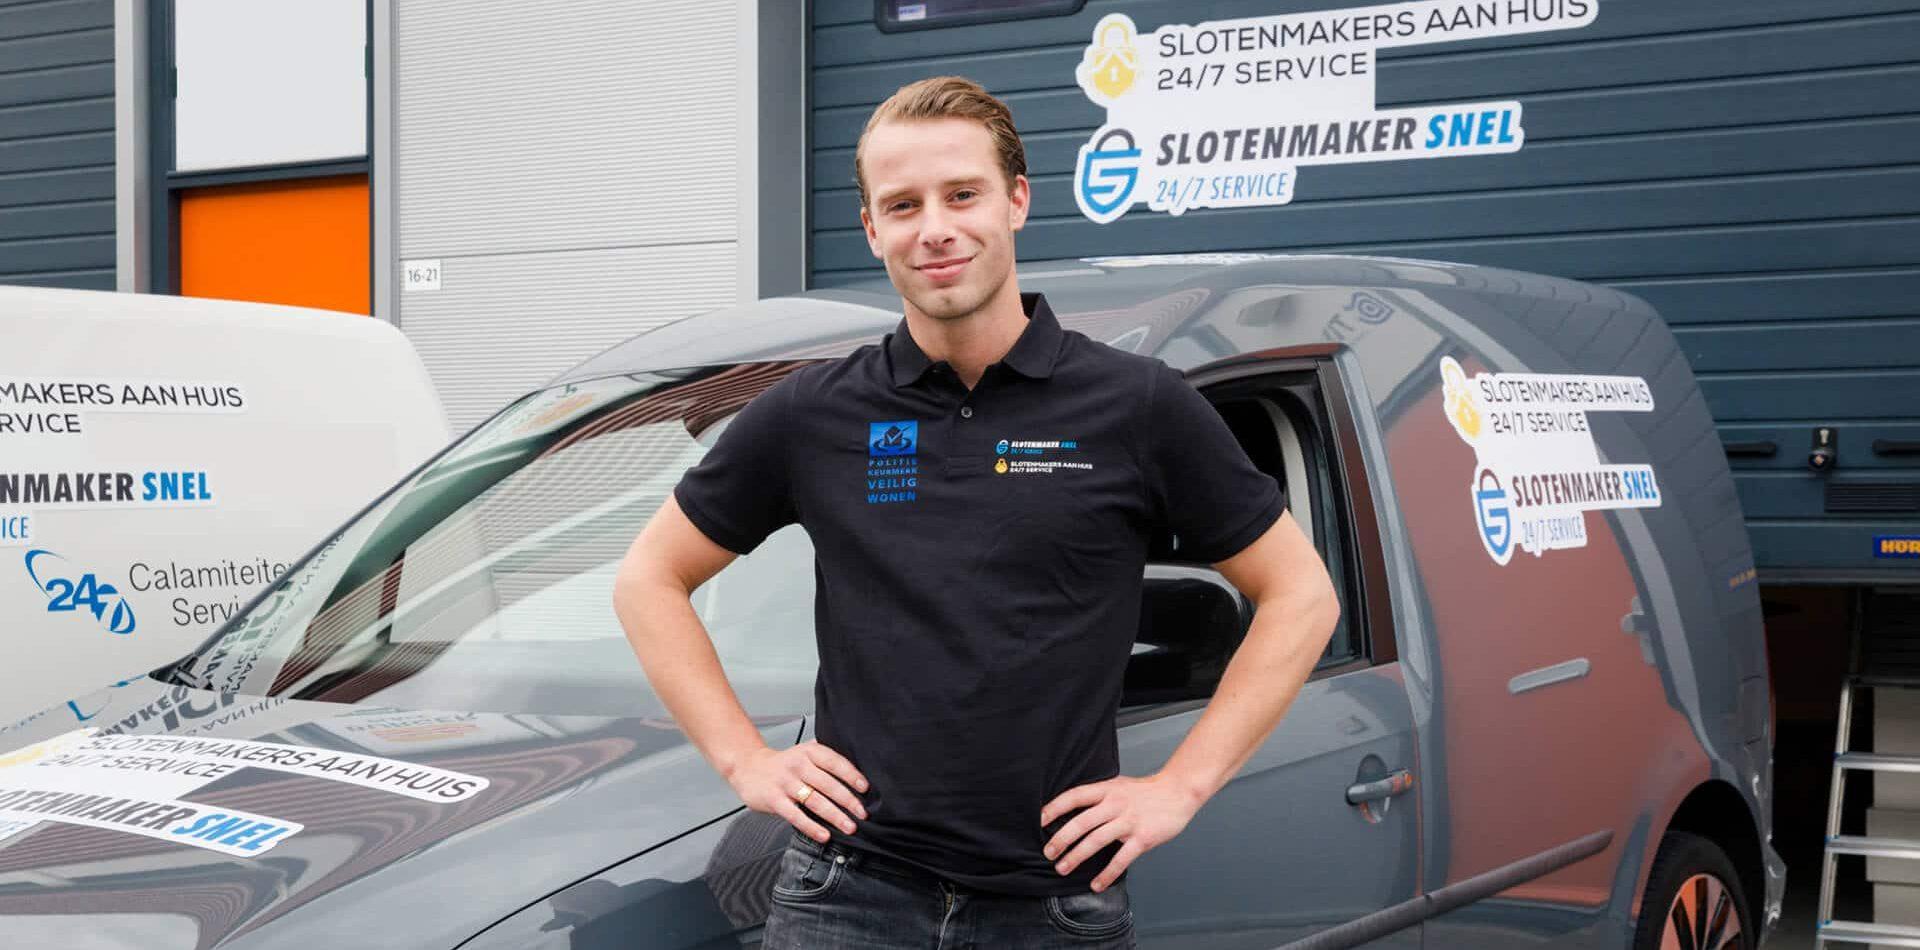 Slotenmaker Voorburg